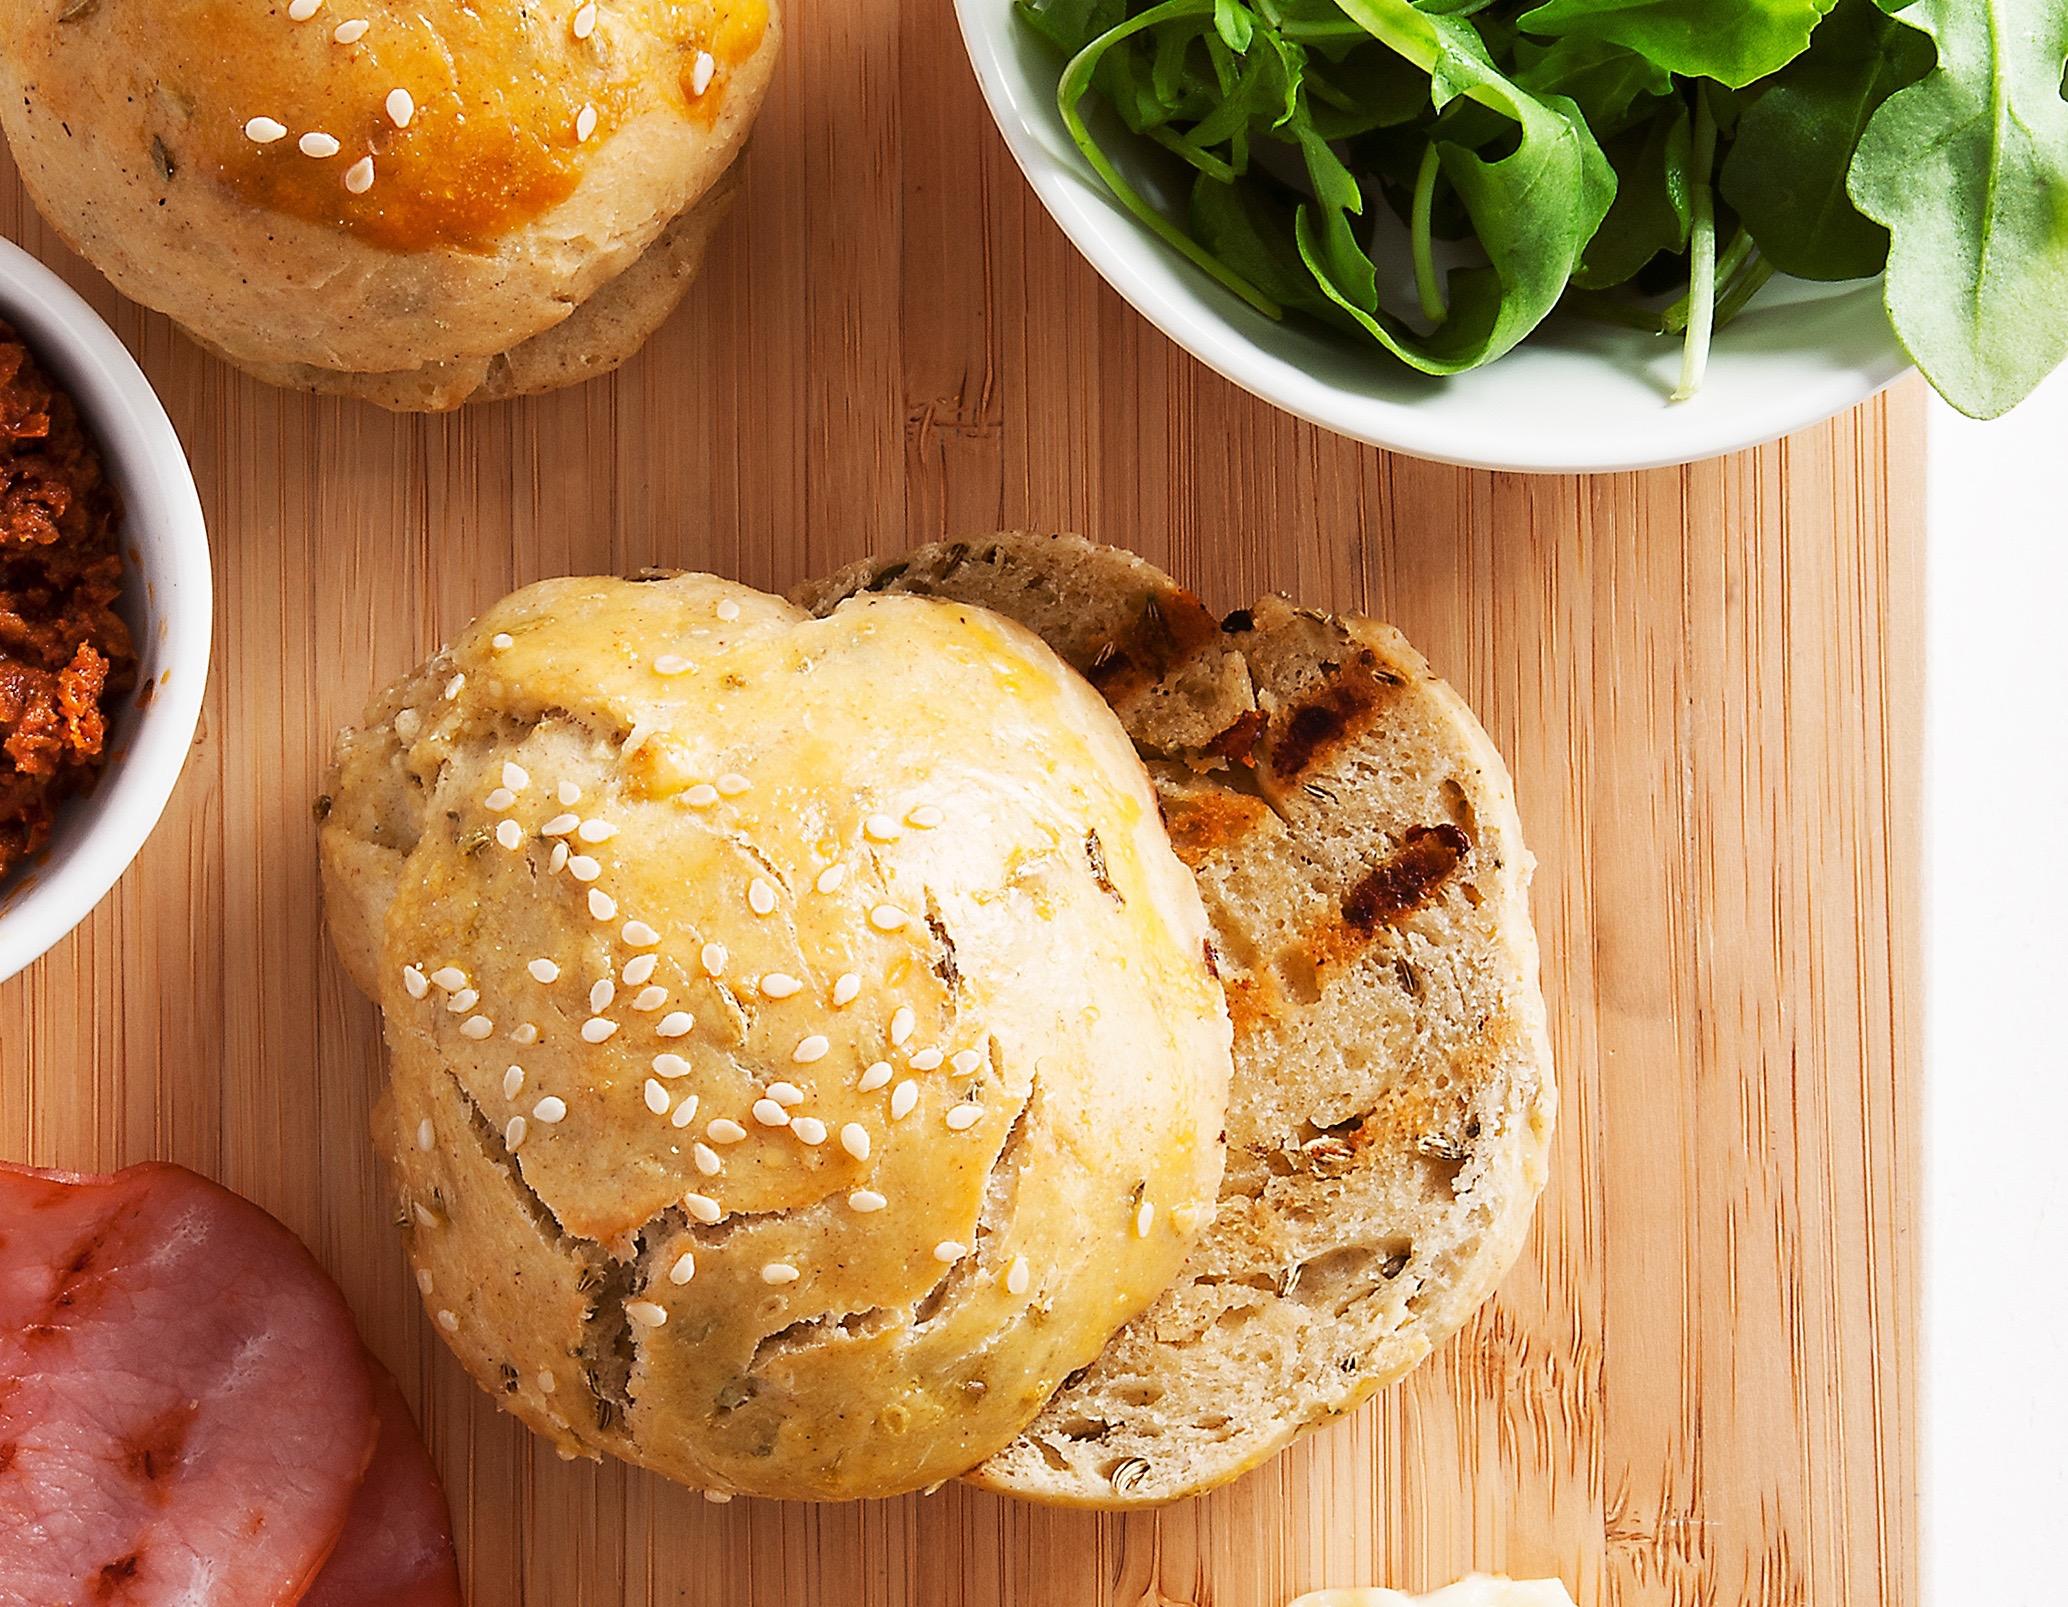 Recette de pains burger au robot p tissier blog de - Recette au robot patissier ...